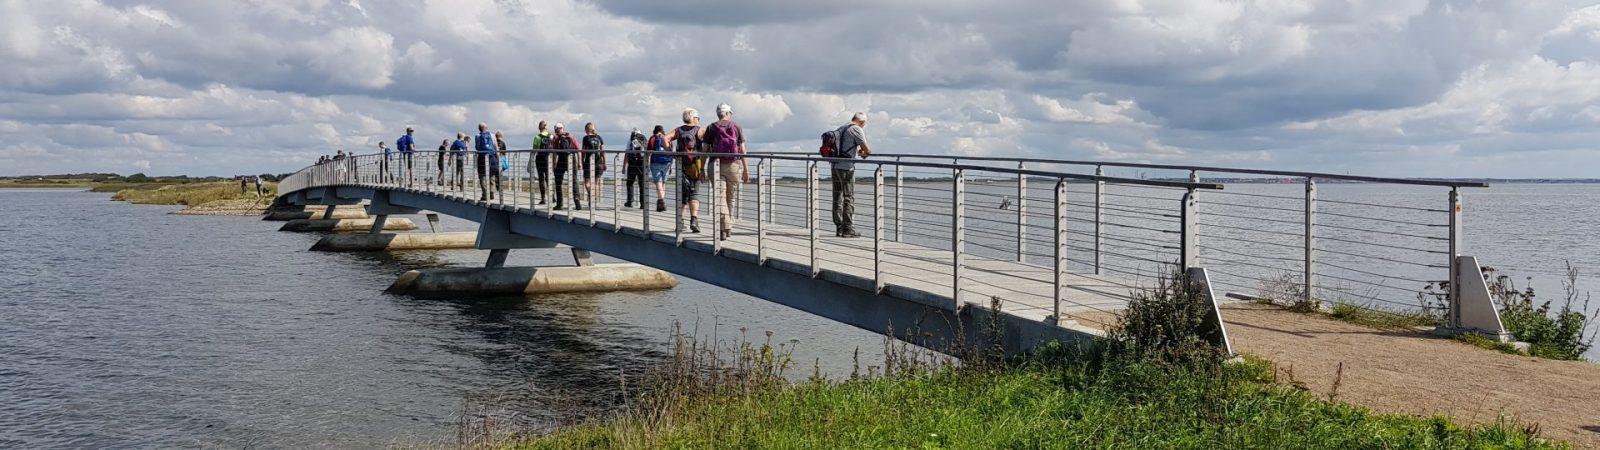 Bagges Dæmning ved Ringkøbing FJord Foto Conny Thomsen